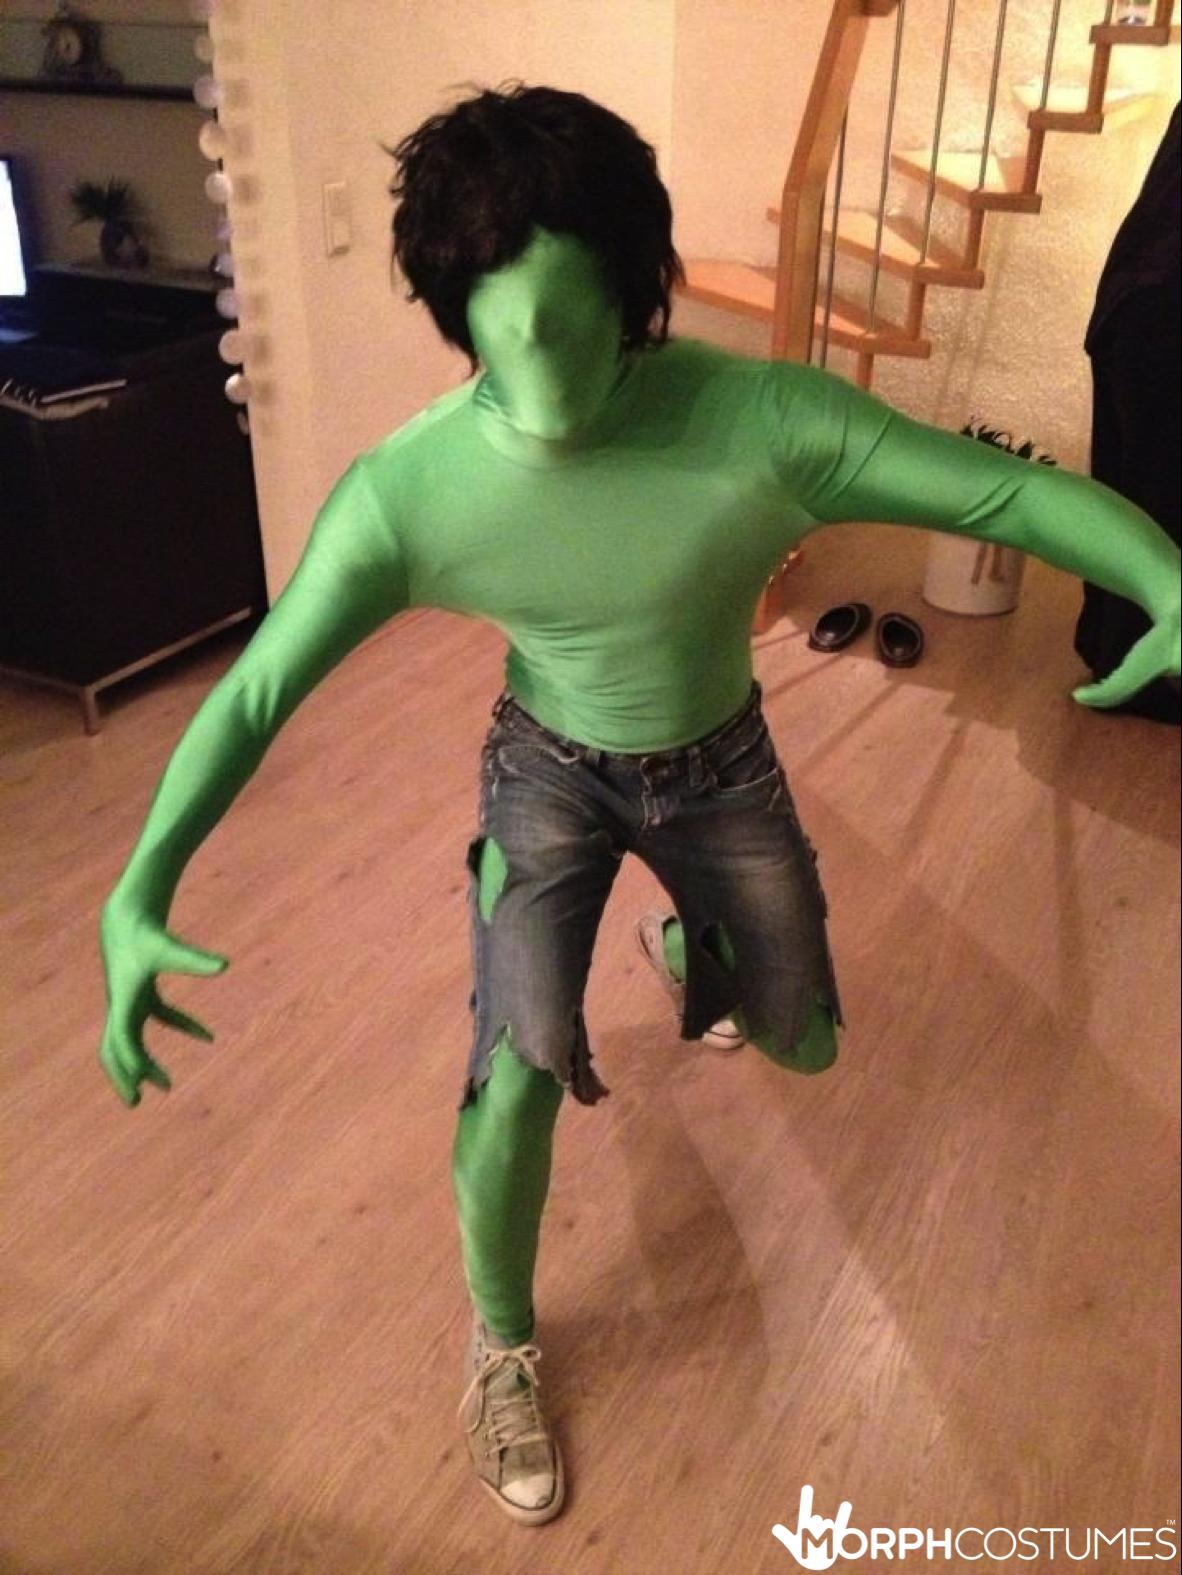 green morphsuit in 2018 | halloween morph costume ideas | pinterest